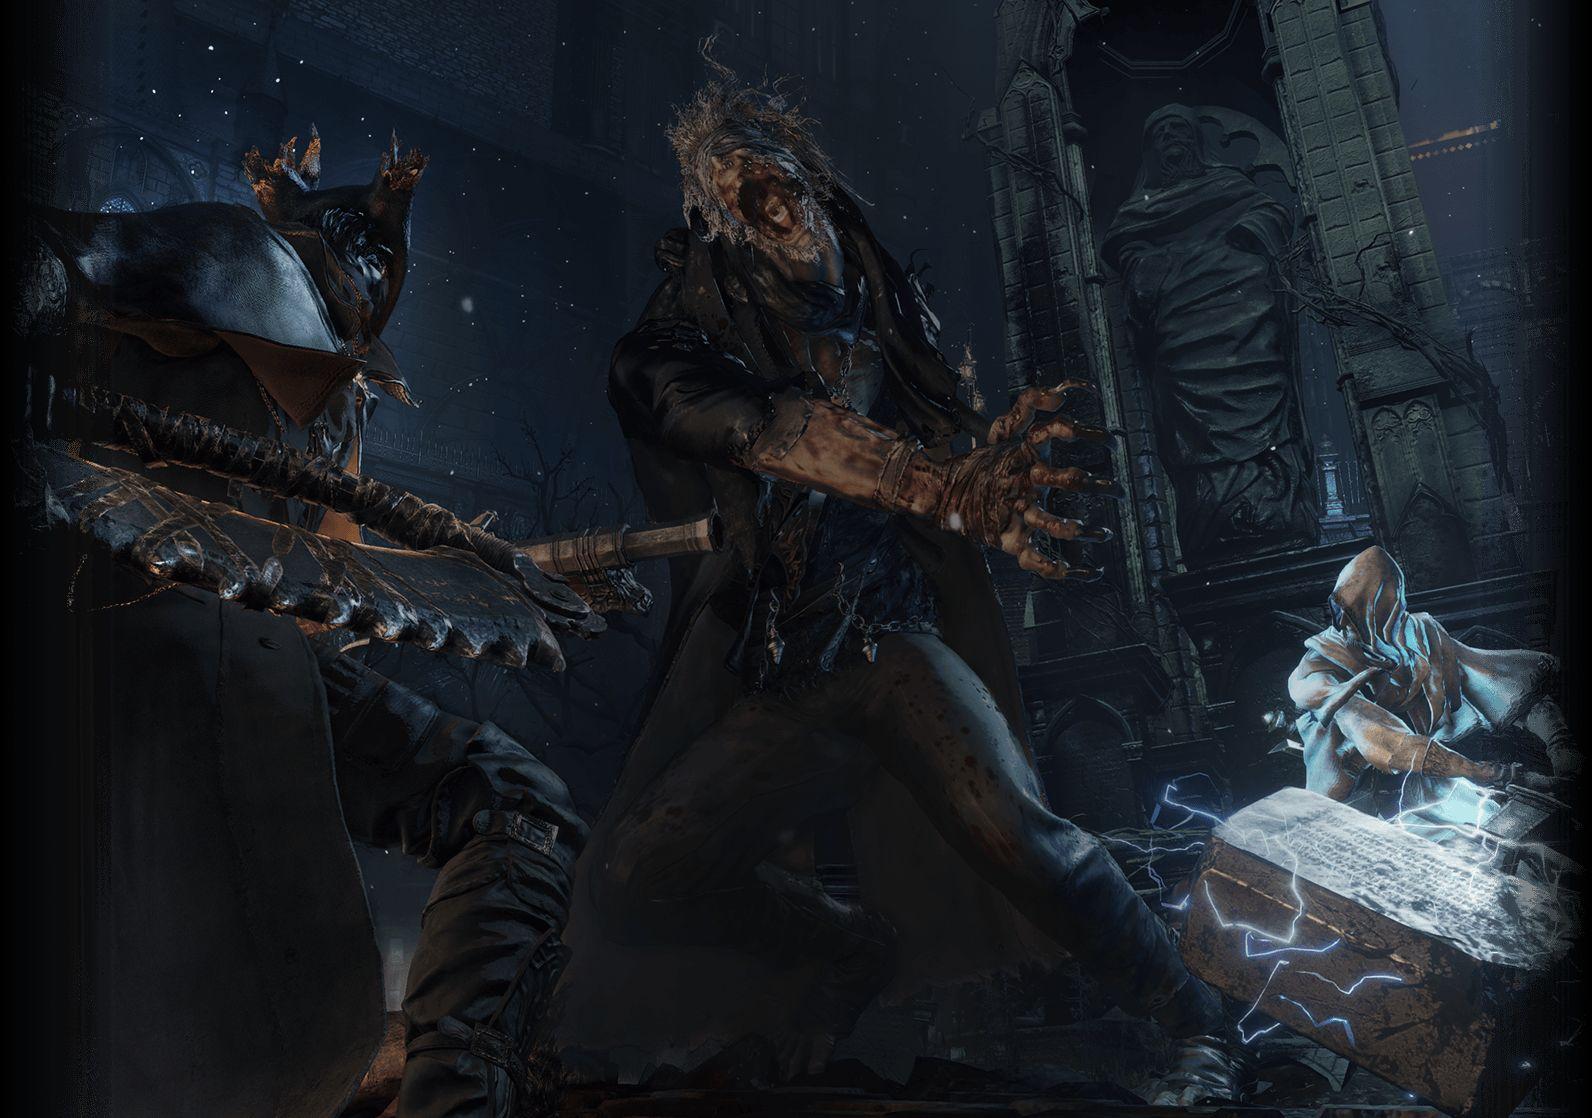 Bloodborne - жуткие подробности о сетевой составляющей игры. Омерзительно приватные сессии !  - Изображение 1